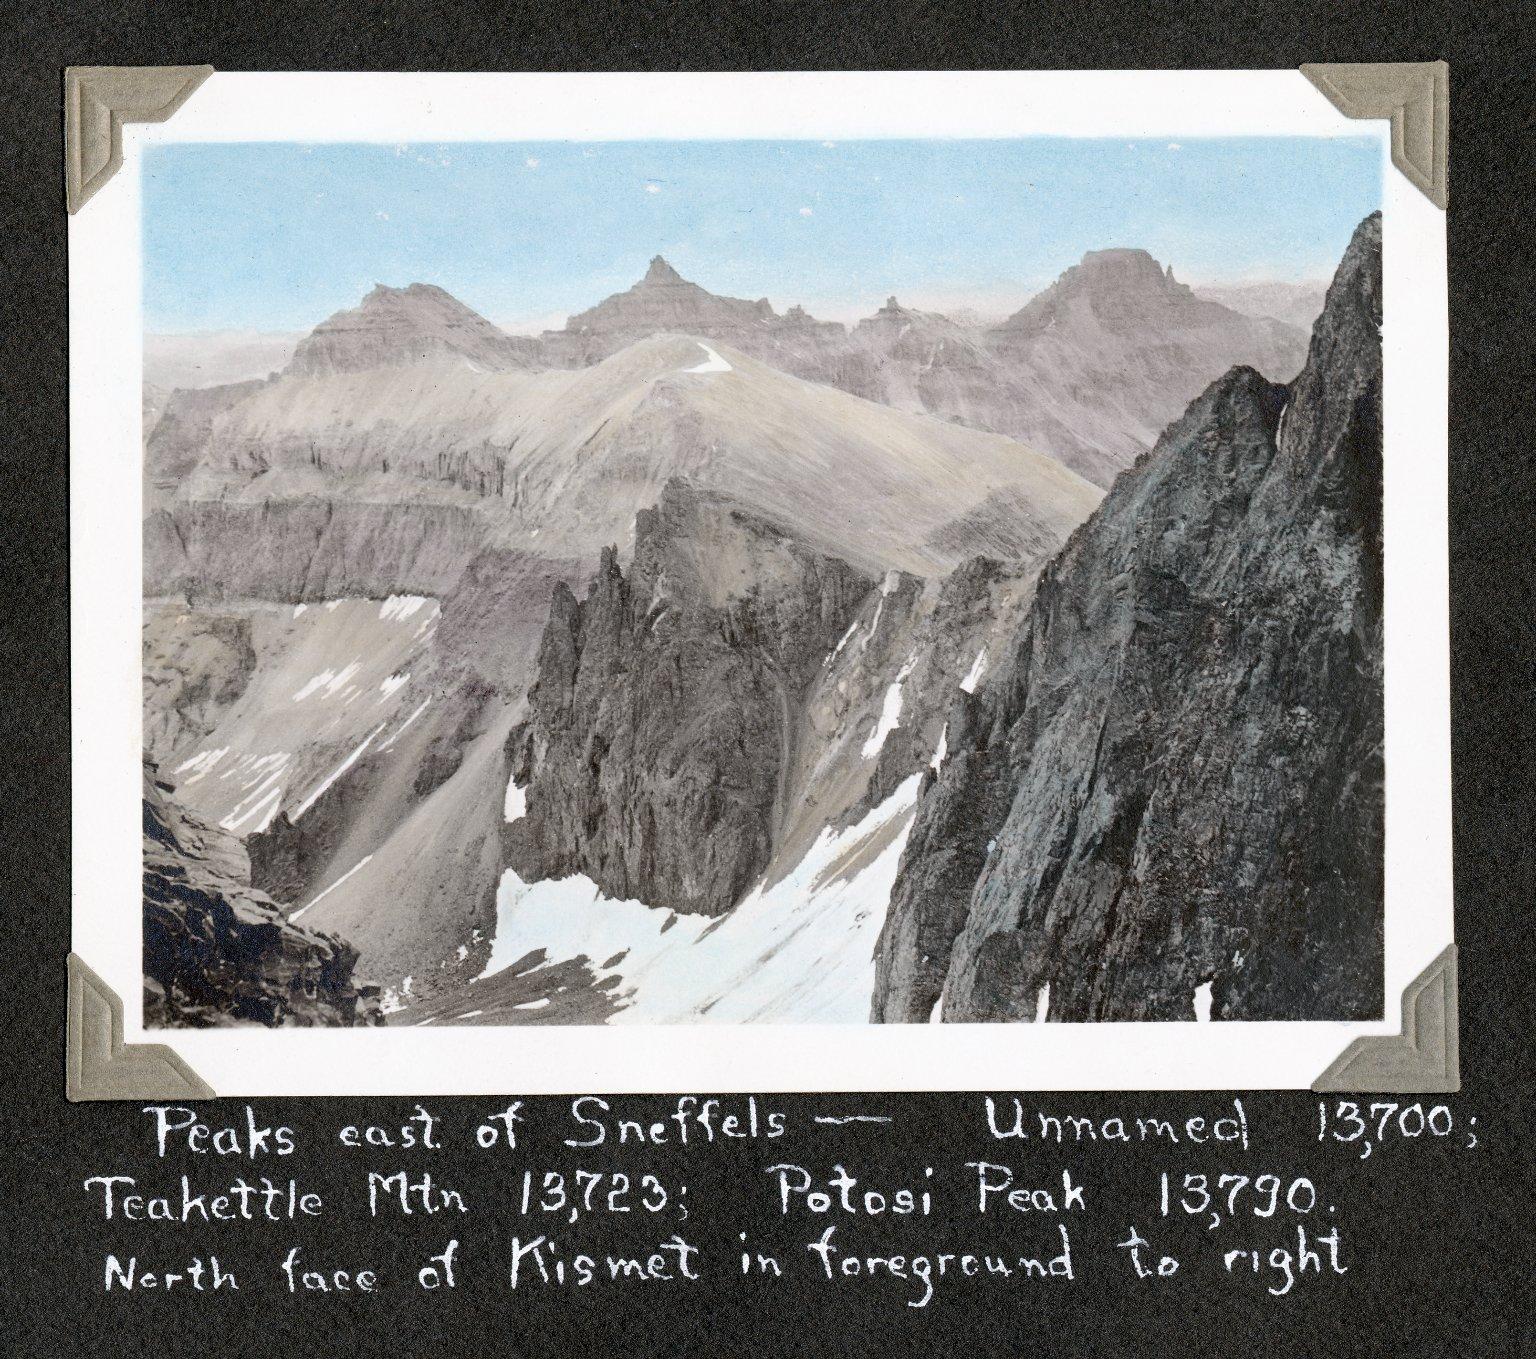 Peaks east of Sneffels